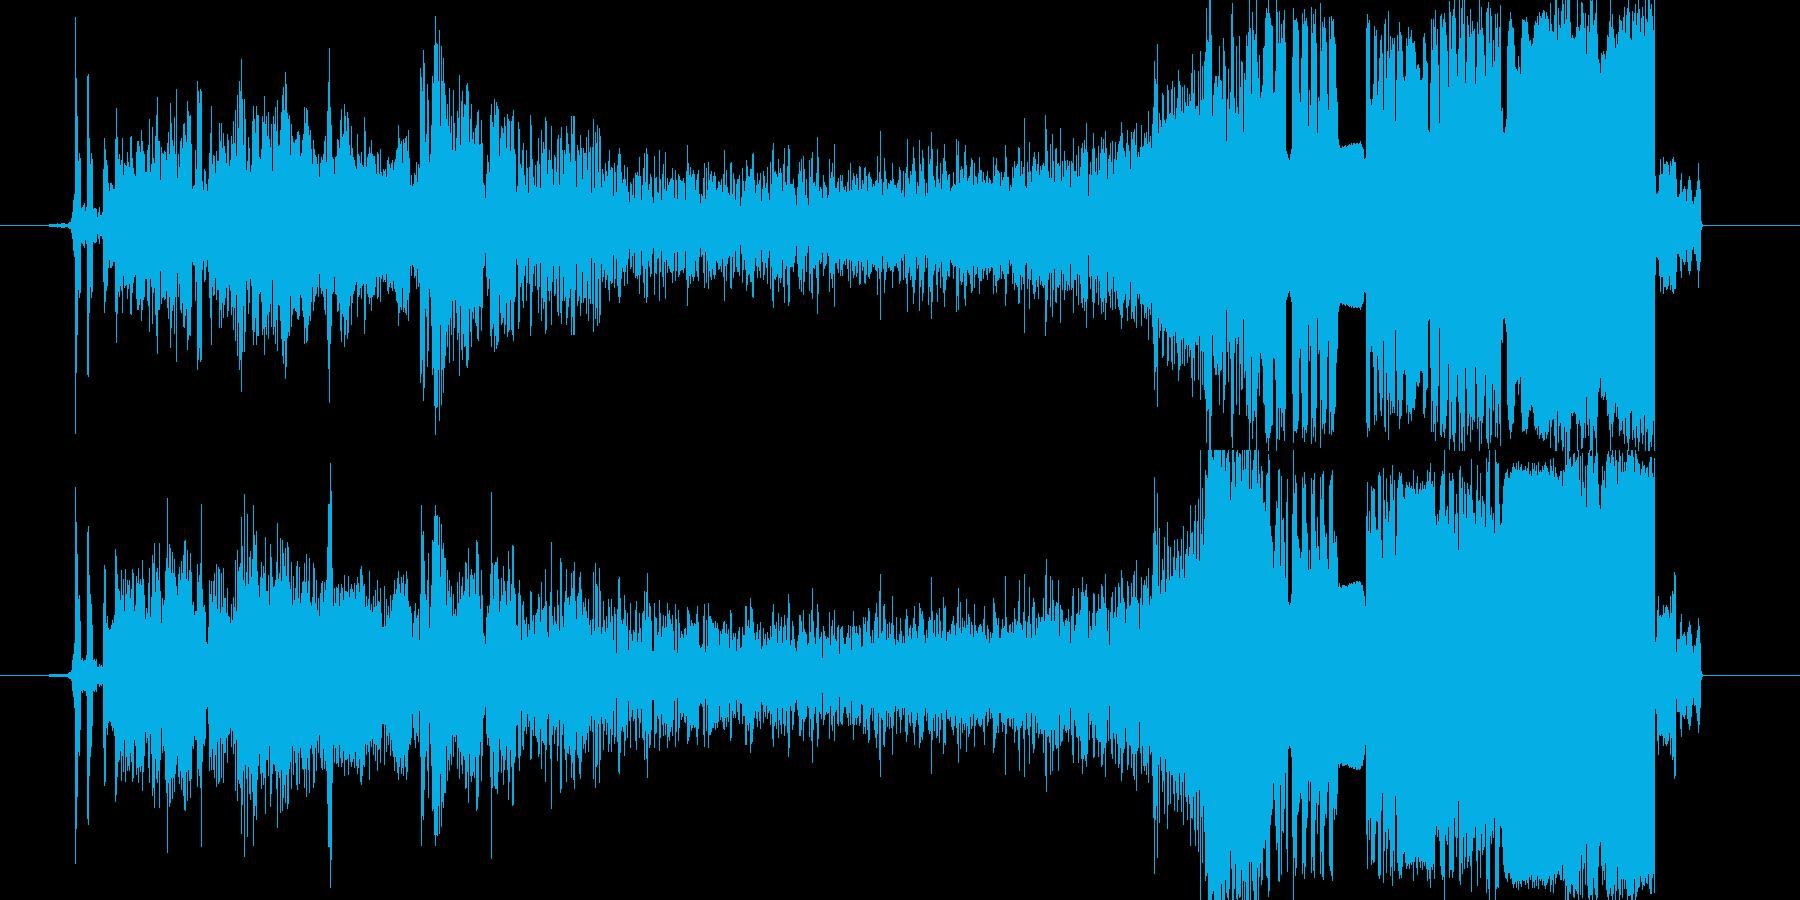 FMラジオジングル制作の効果音にピッタリの再生済みの波形